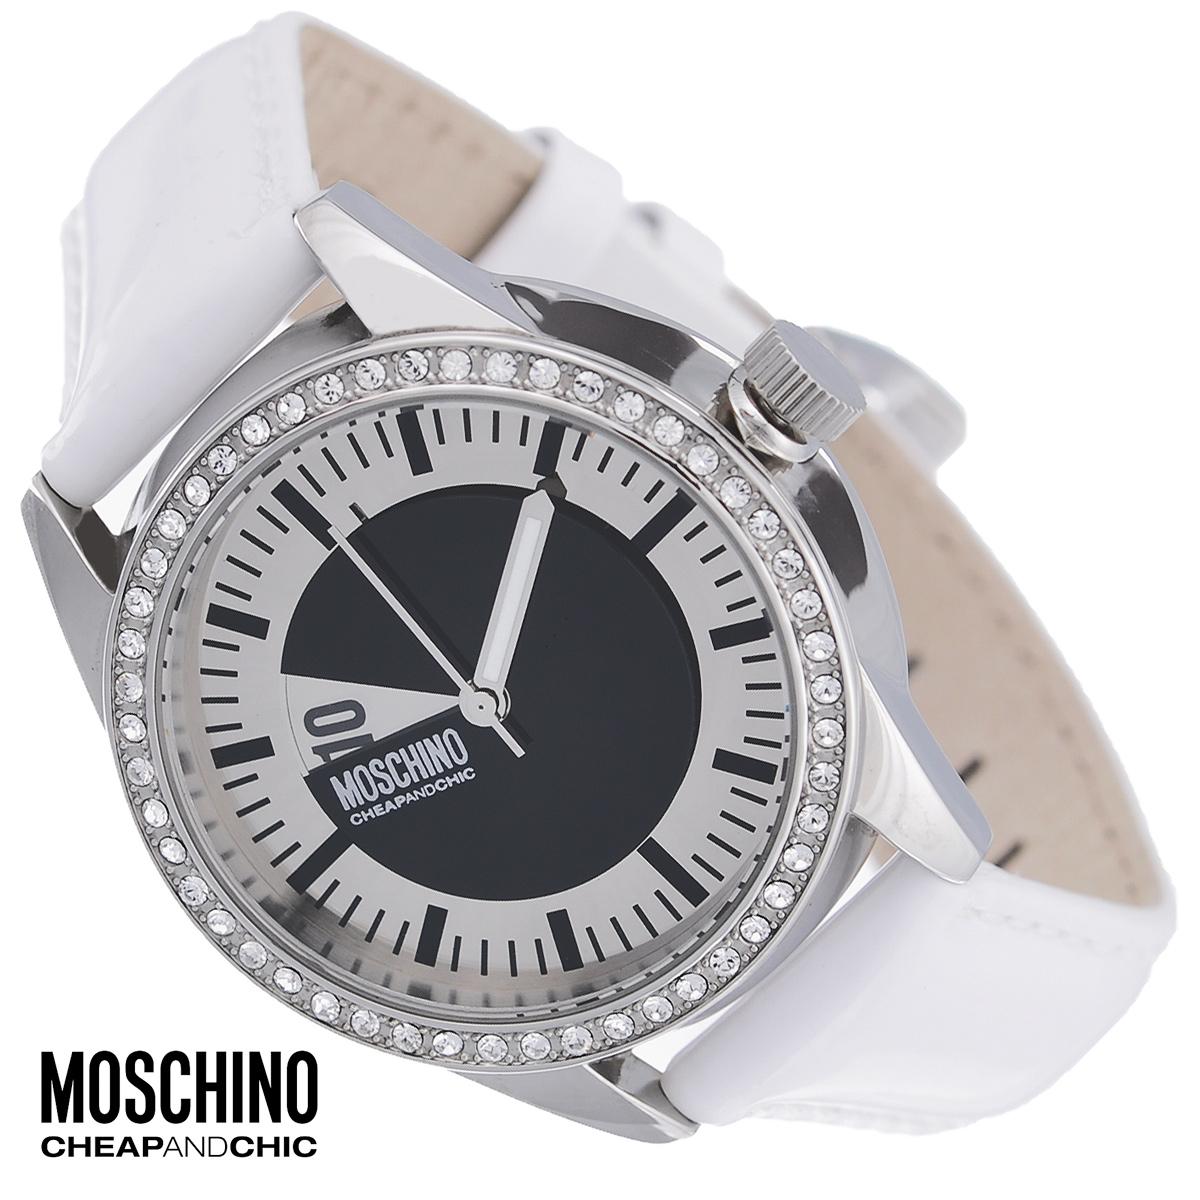 Часы женские наручные Moschino, цвет: белый, серебристый. MW0336MW0336Наручные часы от известного итальянского бренда Moschino - это не только стильный и функциональный аксессуар, но и современные технологи, сочетающиеся с экстравагантным дизайном и индивидуальностью. Часы Moschino лаконичного дизайна оснащены кварцевым механизмом. Корпус выполнен из высококачественной нержавеющей стали и по контуру циферблата оформлен стразами. Циферблат с арабскими цифрами и отметками защищен минеральным стеклом. Часы имеют две стрелки - часовую и минутную. Ремешок часов выполнен из натуральной лаковой кожи и оснащен классической застежкой. Часы упакованы в фирменную металлическую коробку с логотипом бренда. Часы Moschino благодаря своему уникальному дизайну отличаются от часов других марок своеобразными циферблатами, функциональностью, а также набором уникальных технических свойств. Каждой модели присуща легкая экстравагантность, самобытность и, безусловно, великолепный вкус. Характеристики: Диаметр...